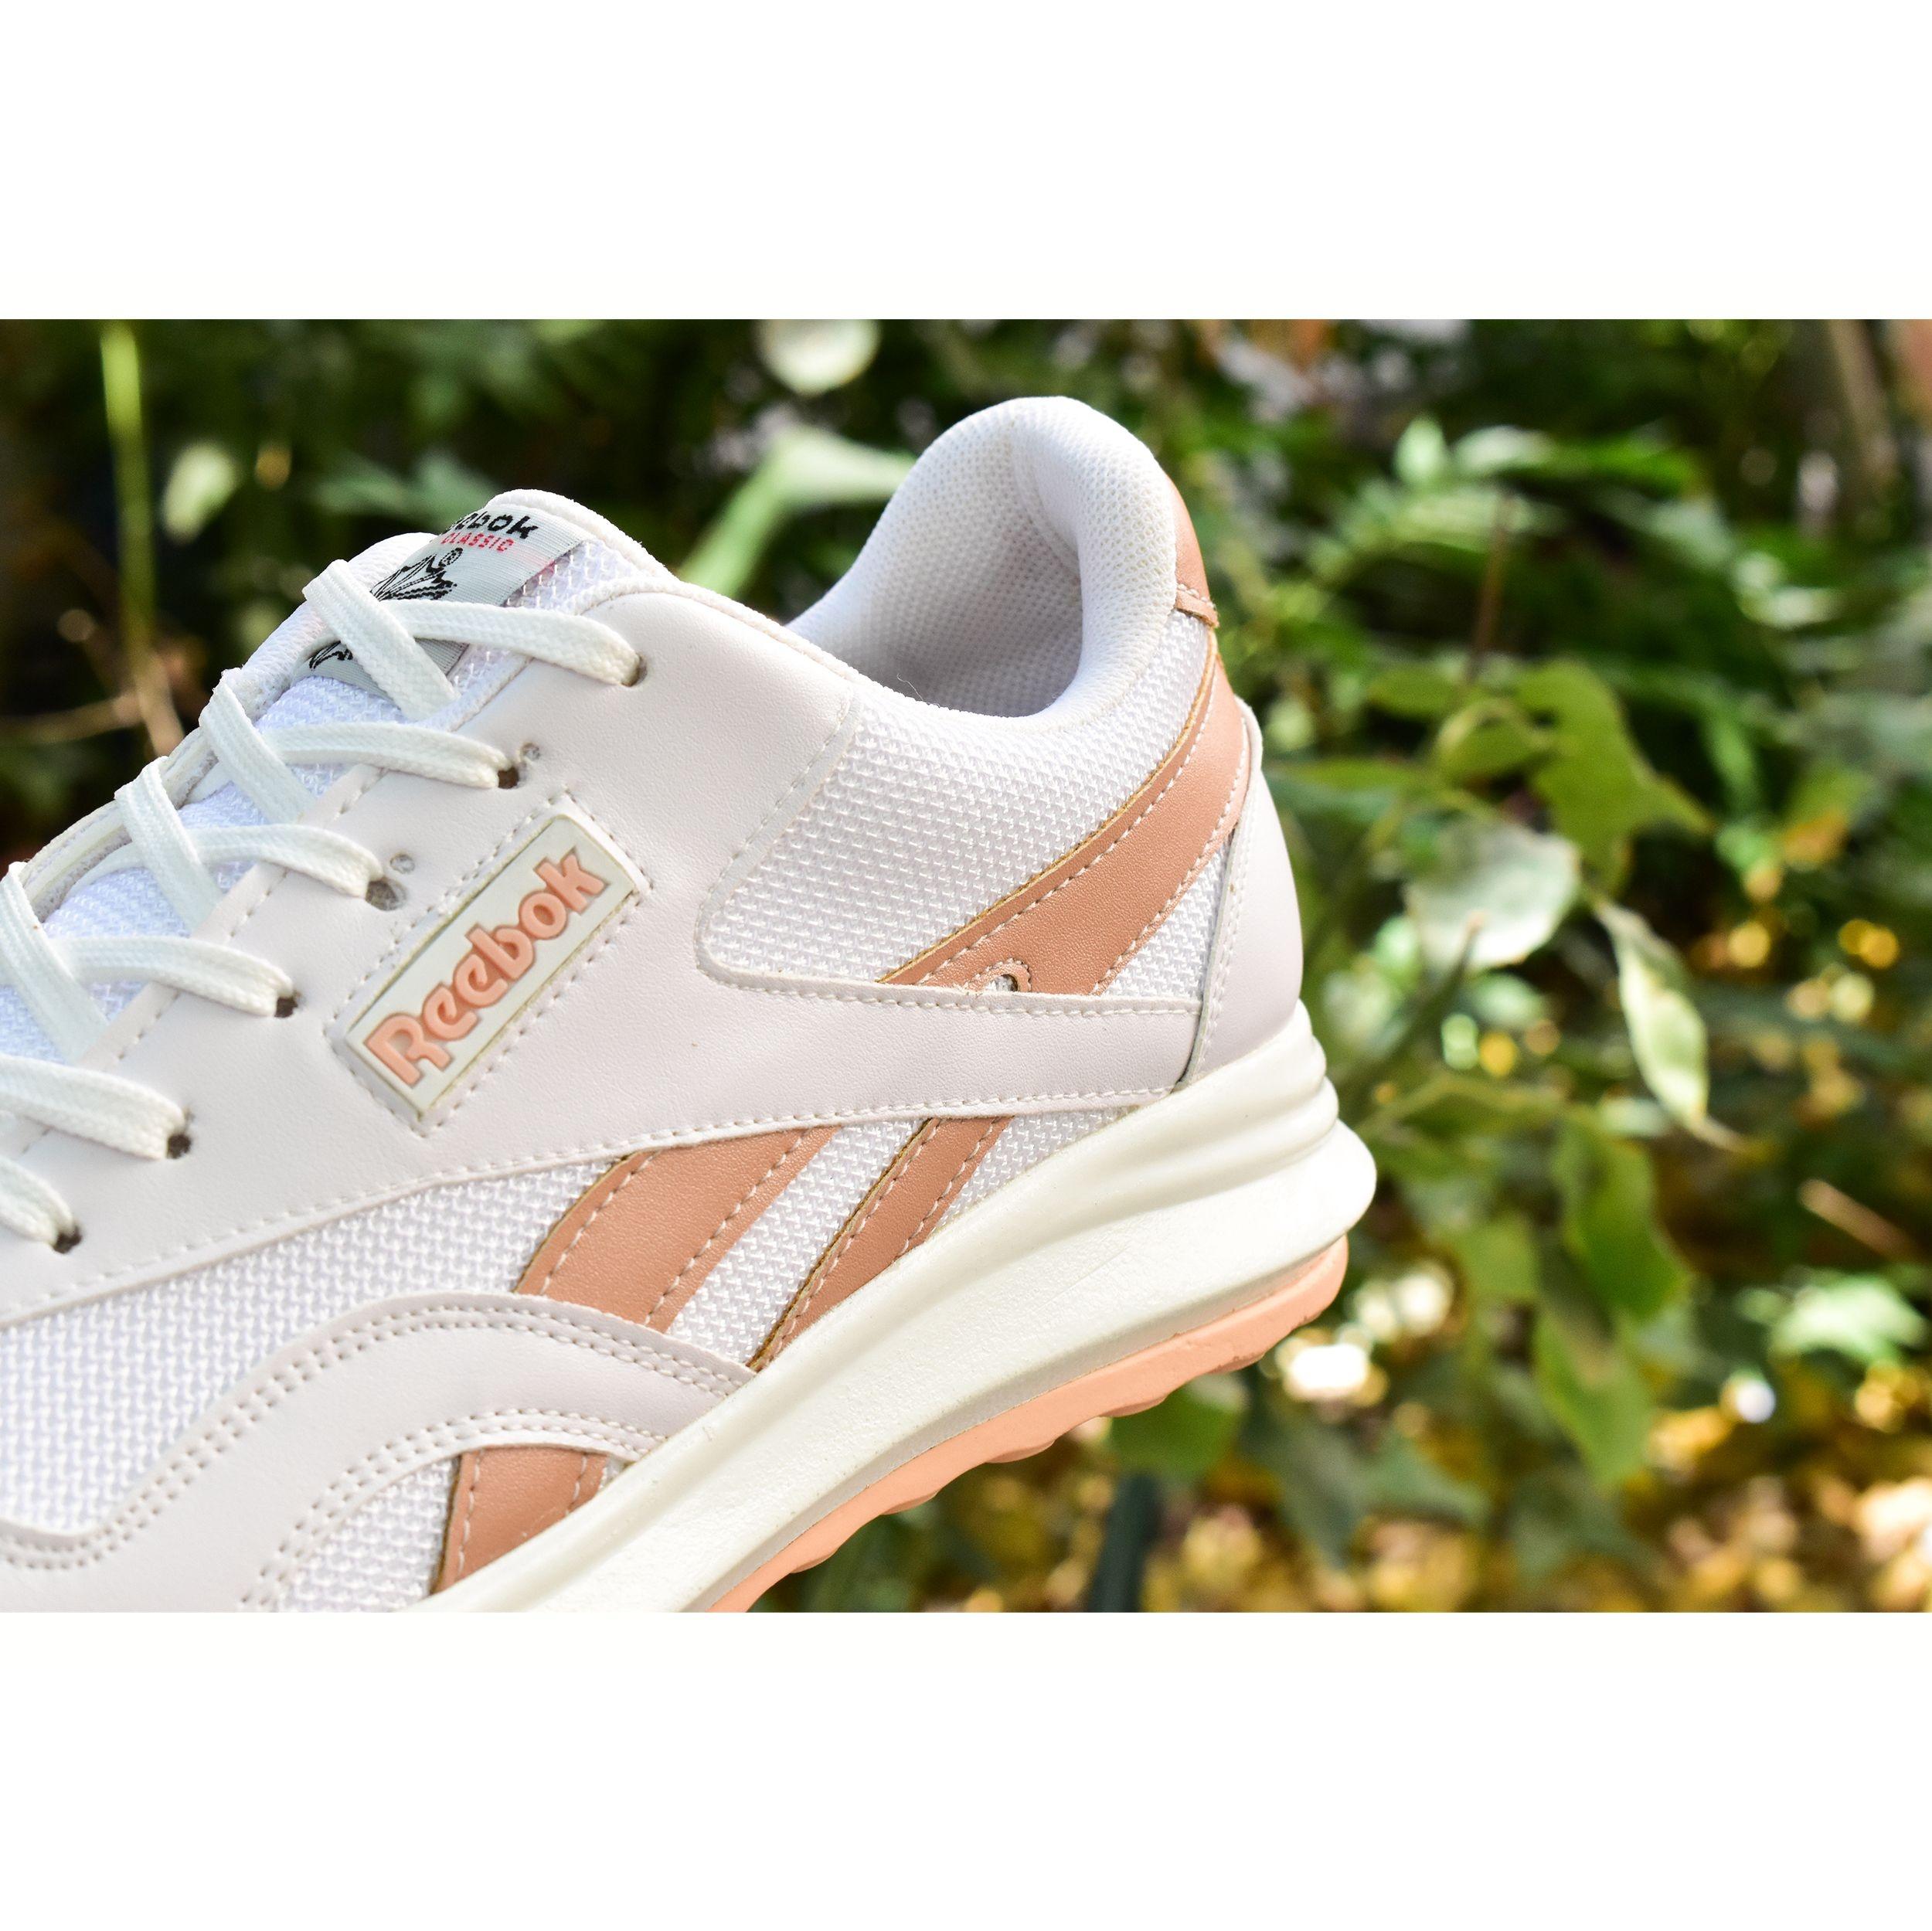 کفش پیاده روی زنانه مدل هامون کد 4692 main 1 3